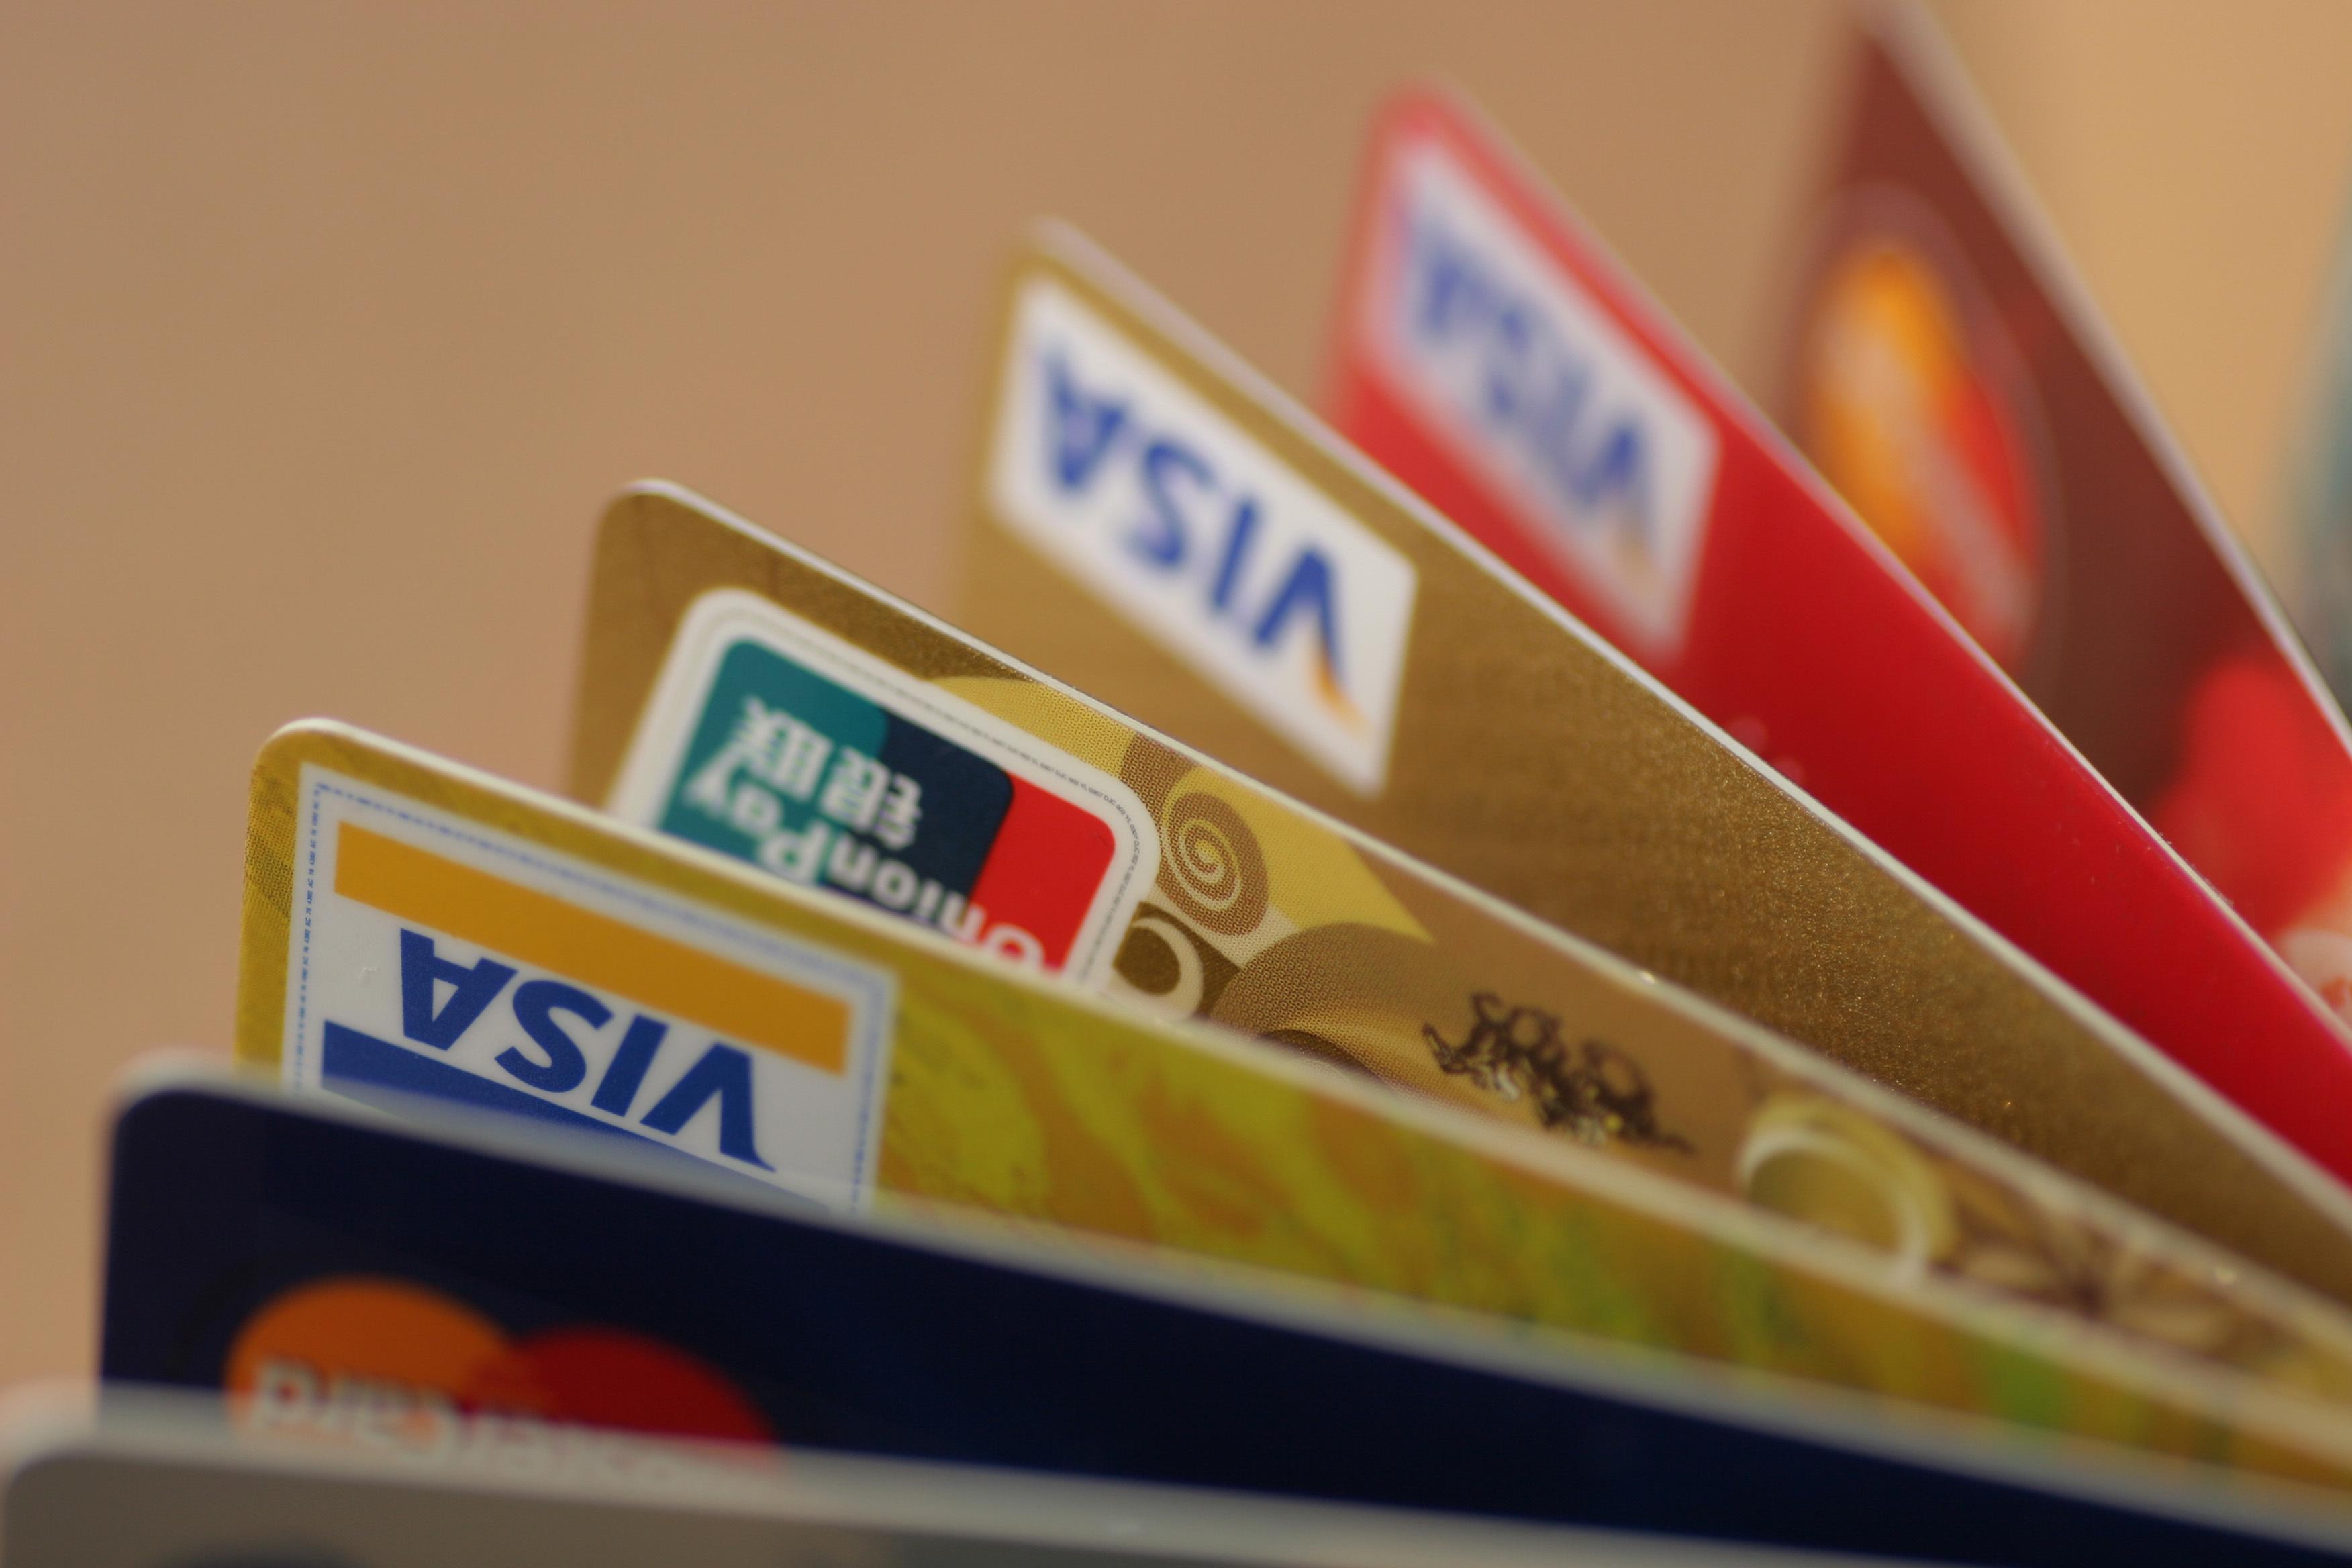 2019年最全最易懂的轻松获得信用卡积分攻略!